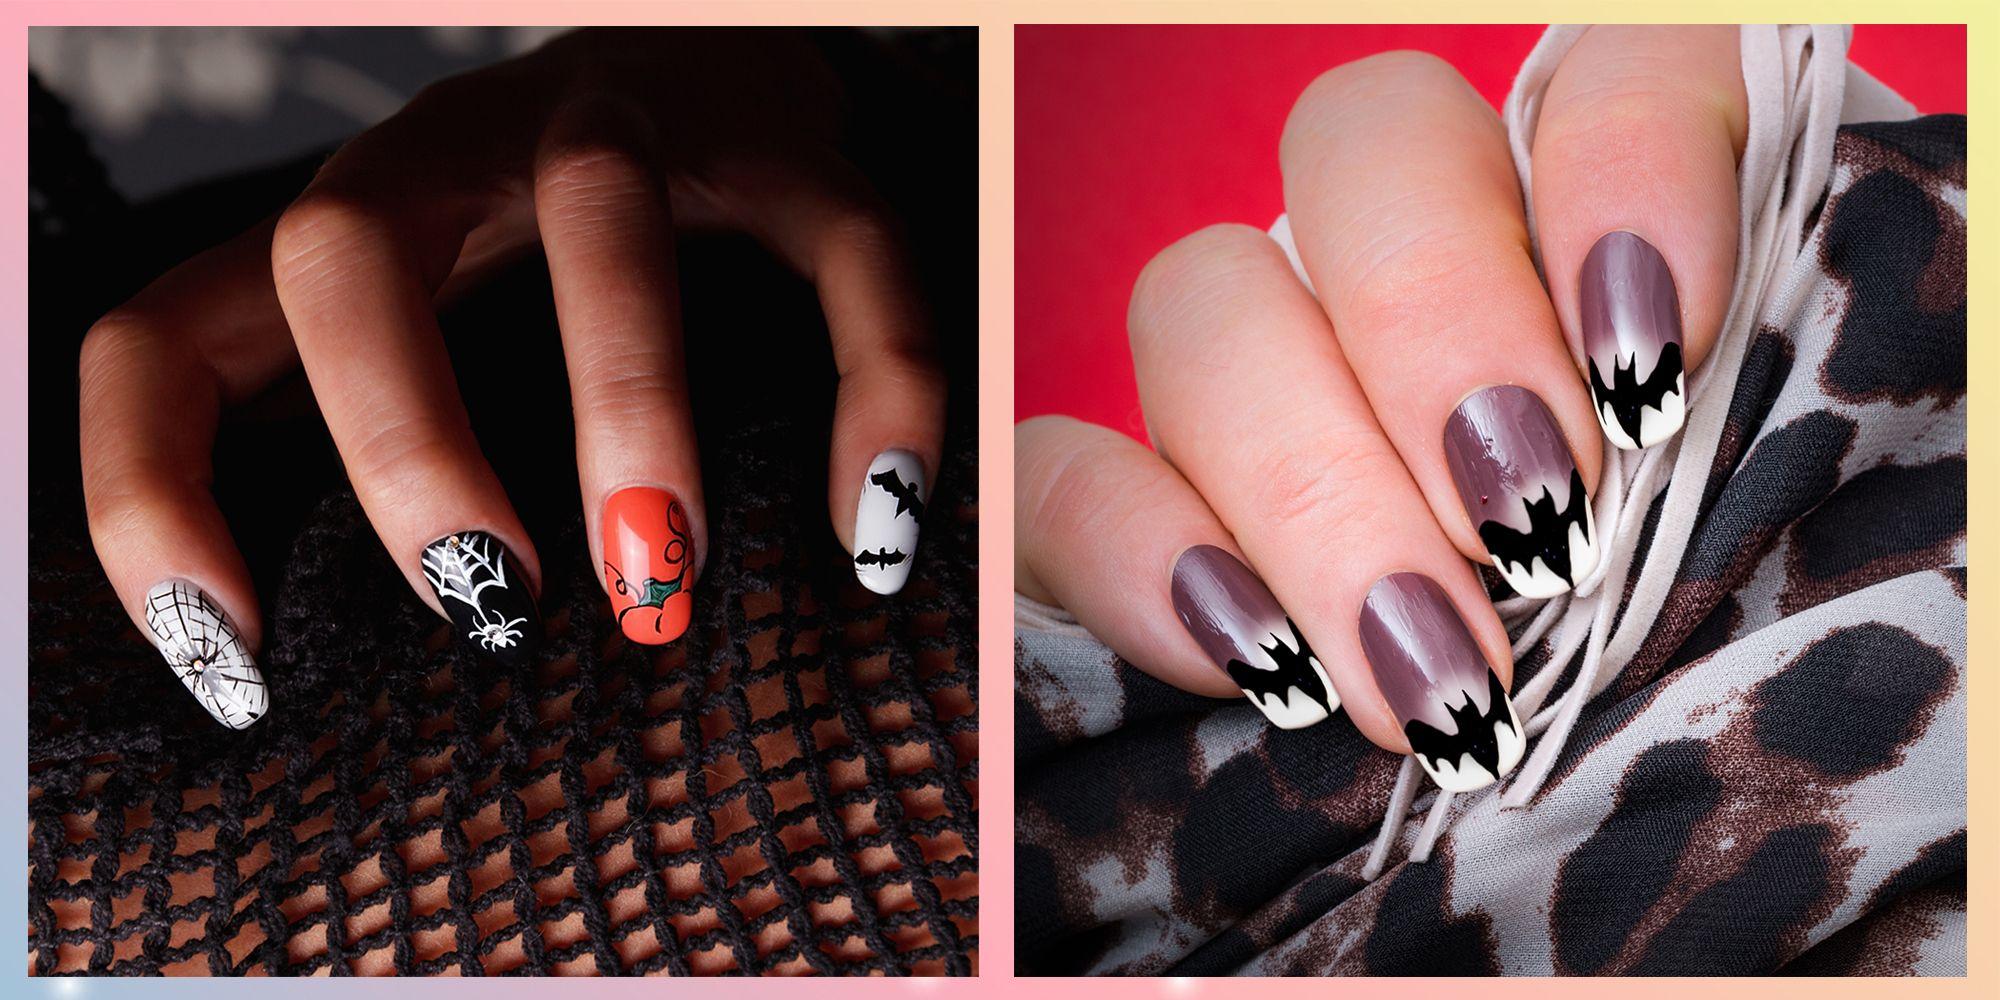 Halloween, le unghie più spaventose (e cute!) da sfoggiare il 31 ottobre per artigli da paura